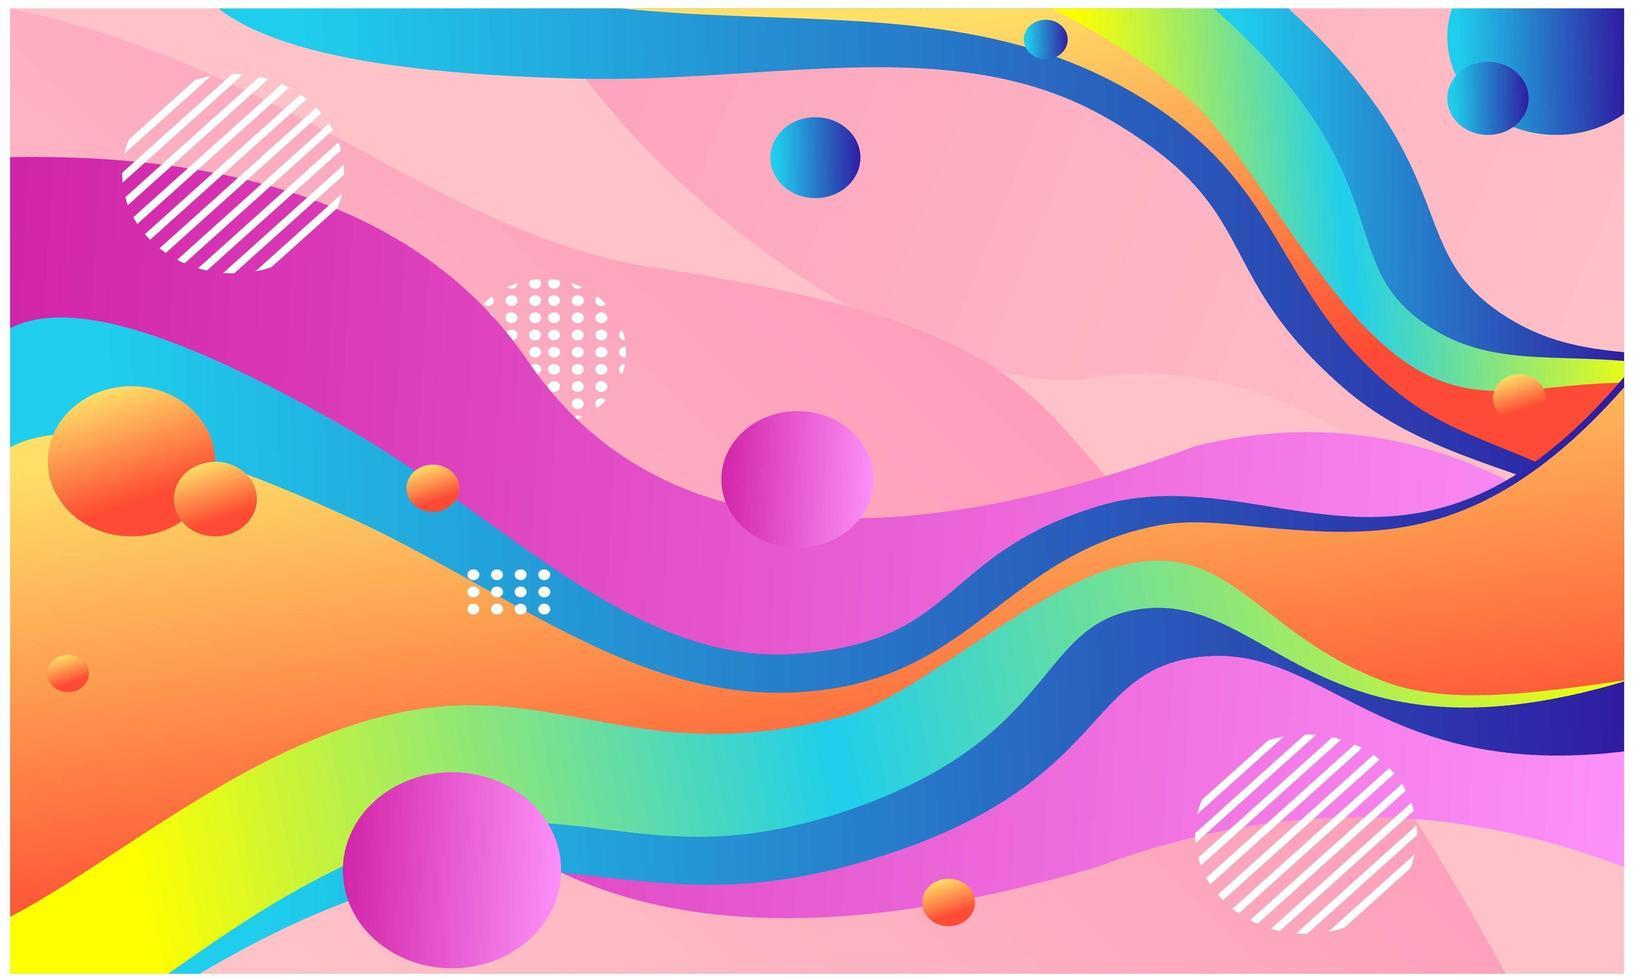 kleurrijke stroom achtergrond. abstracte kleurrijke vormen achtergrond vector